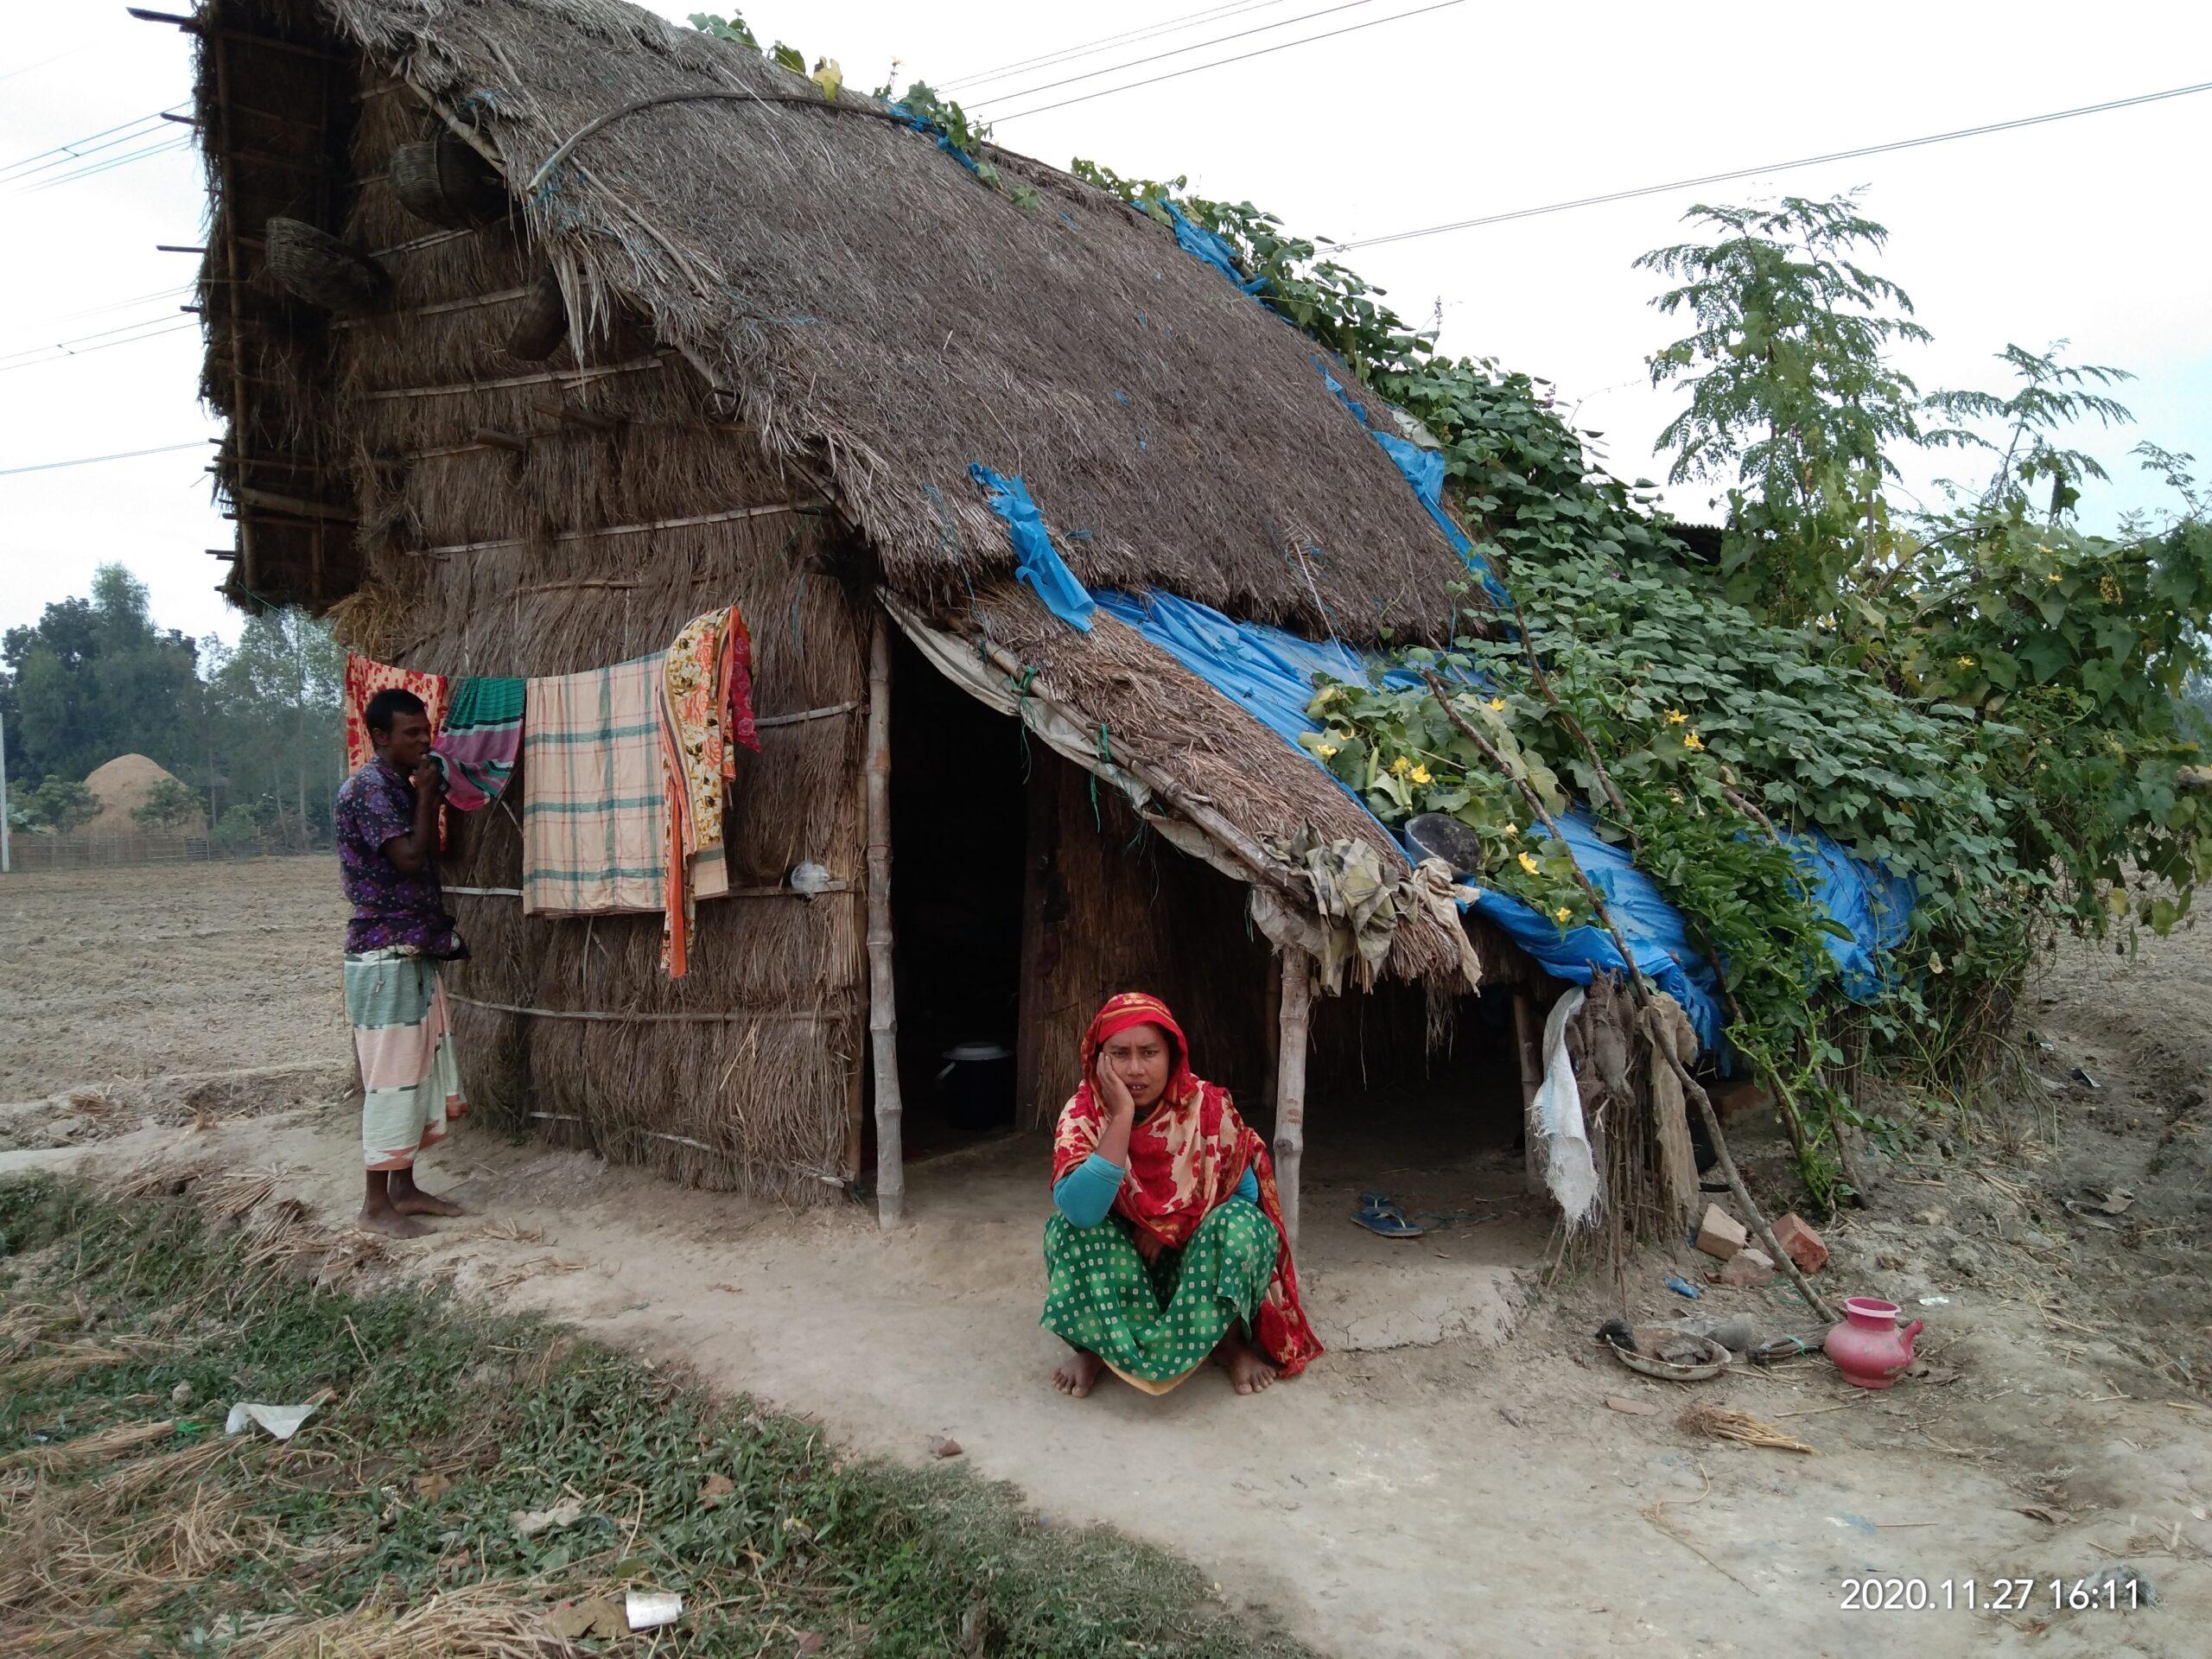 নবাবগঞ্জে ঝুঁকি নিয়ে হাসিনার বসবাস